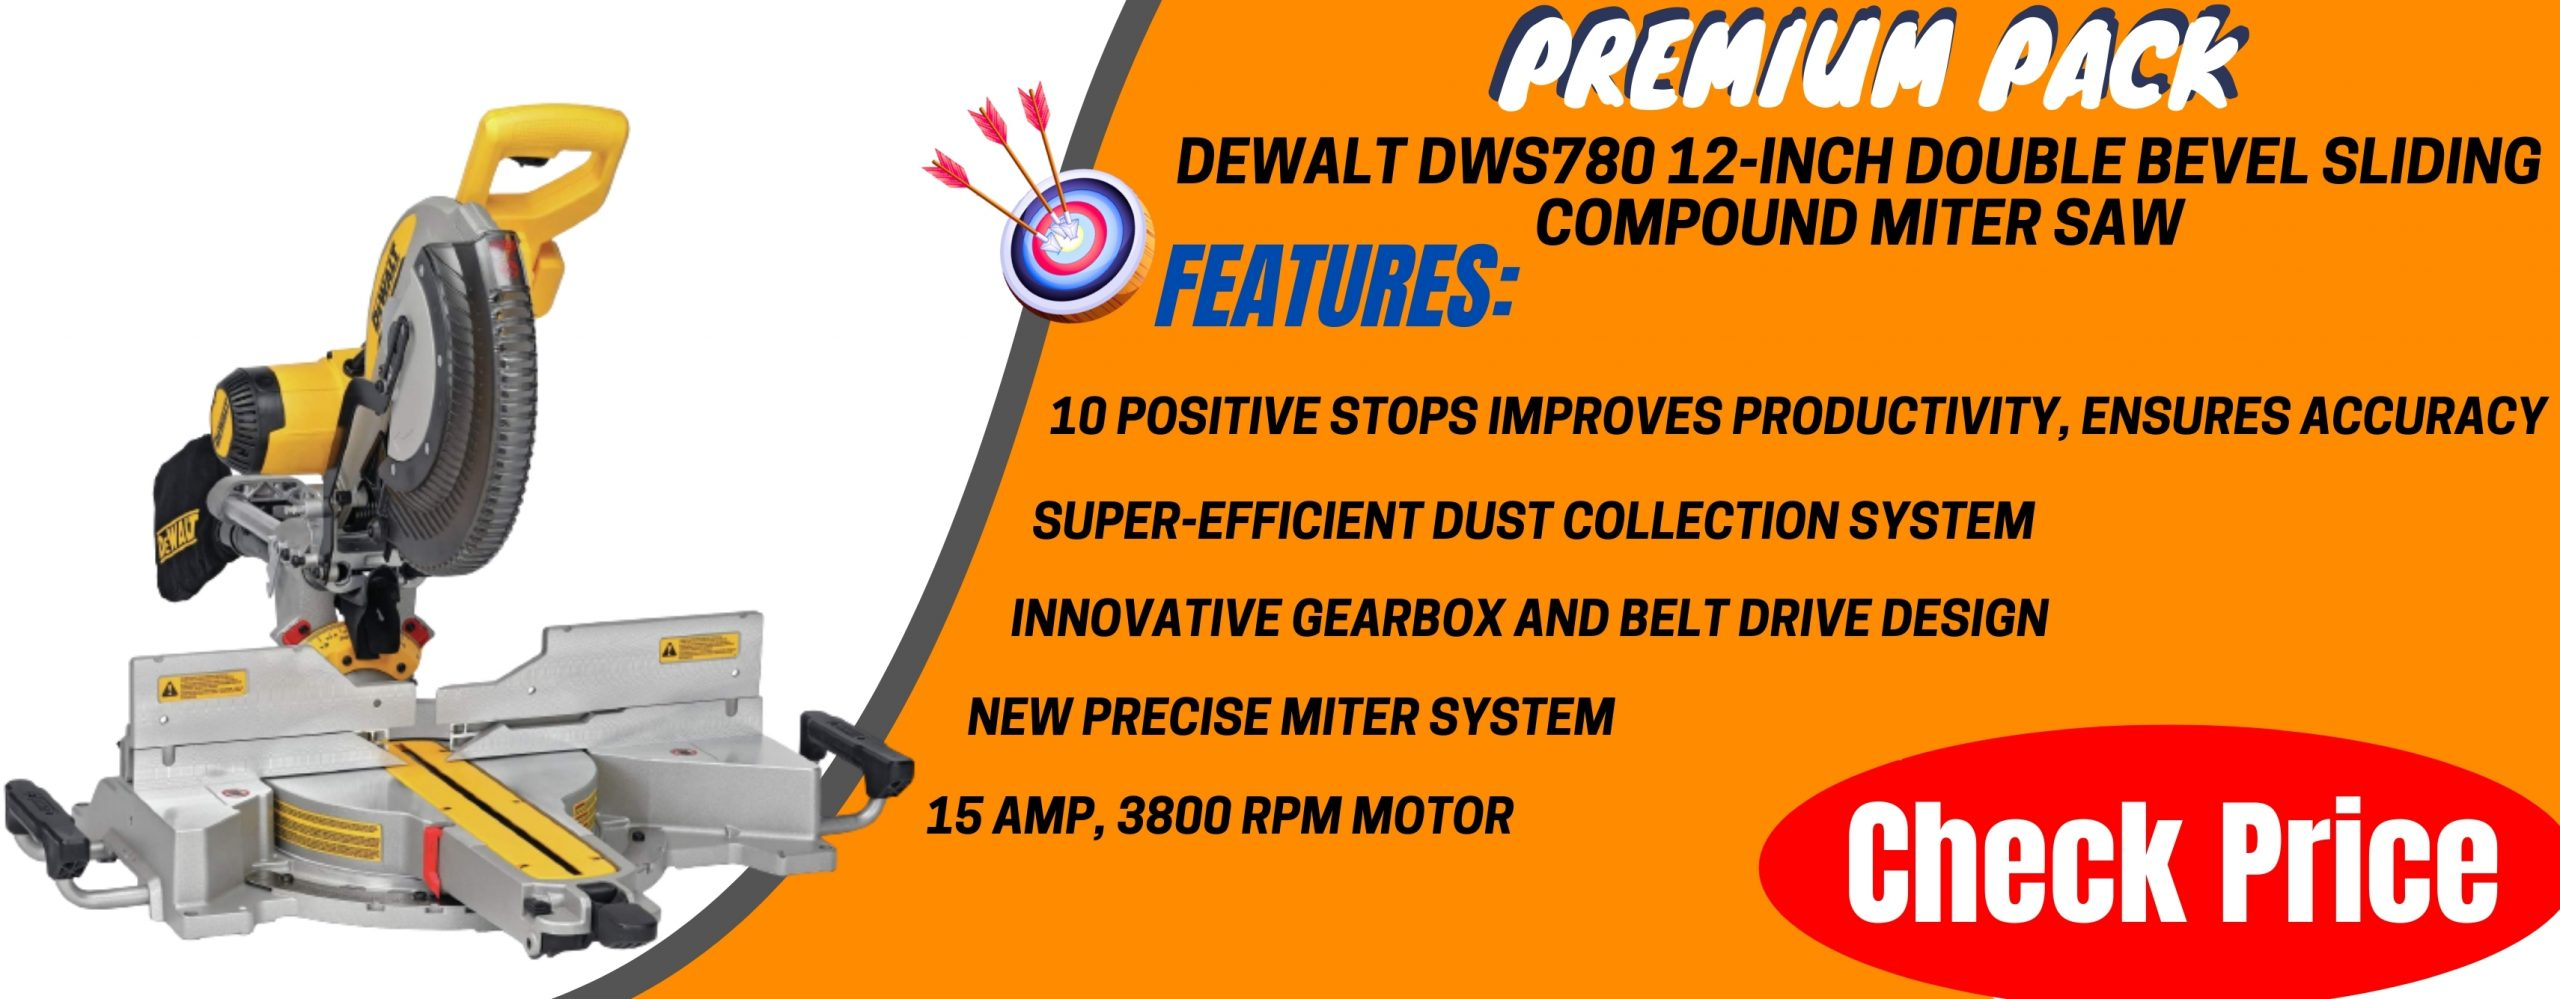 DEWALT DWS780 12-Inch Double Bevel Sliding Compound Miter Saw